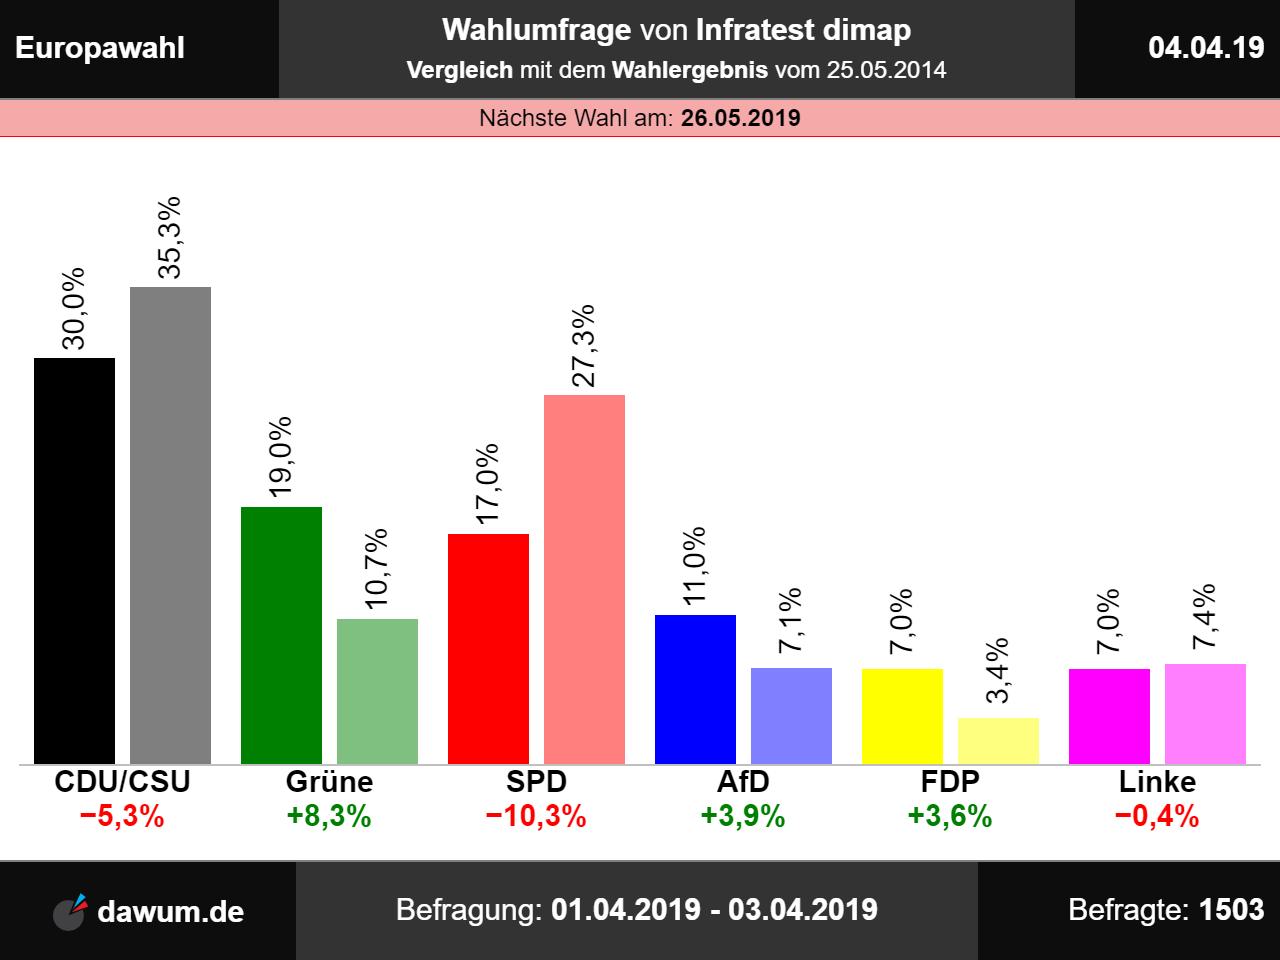 auswertung europawahl